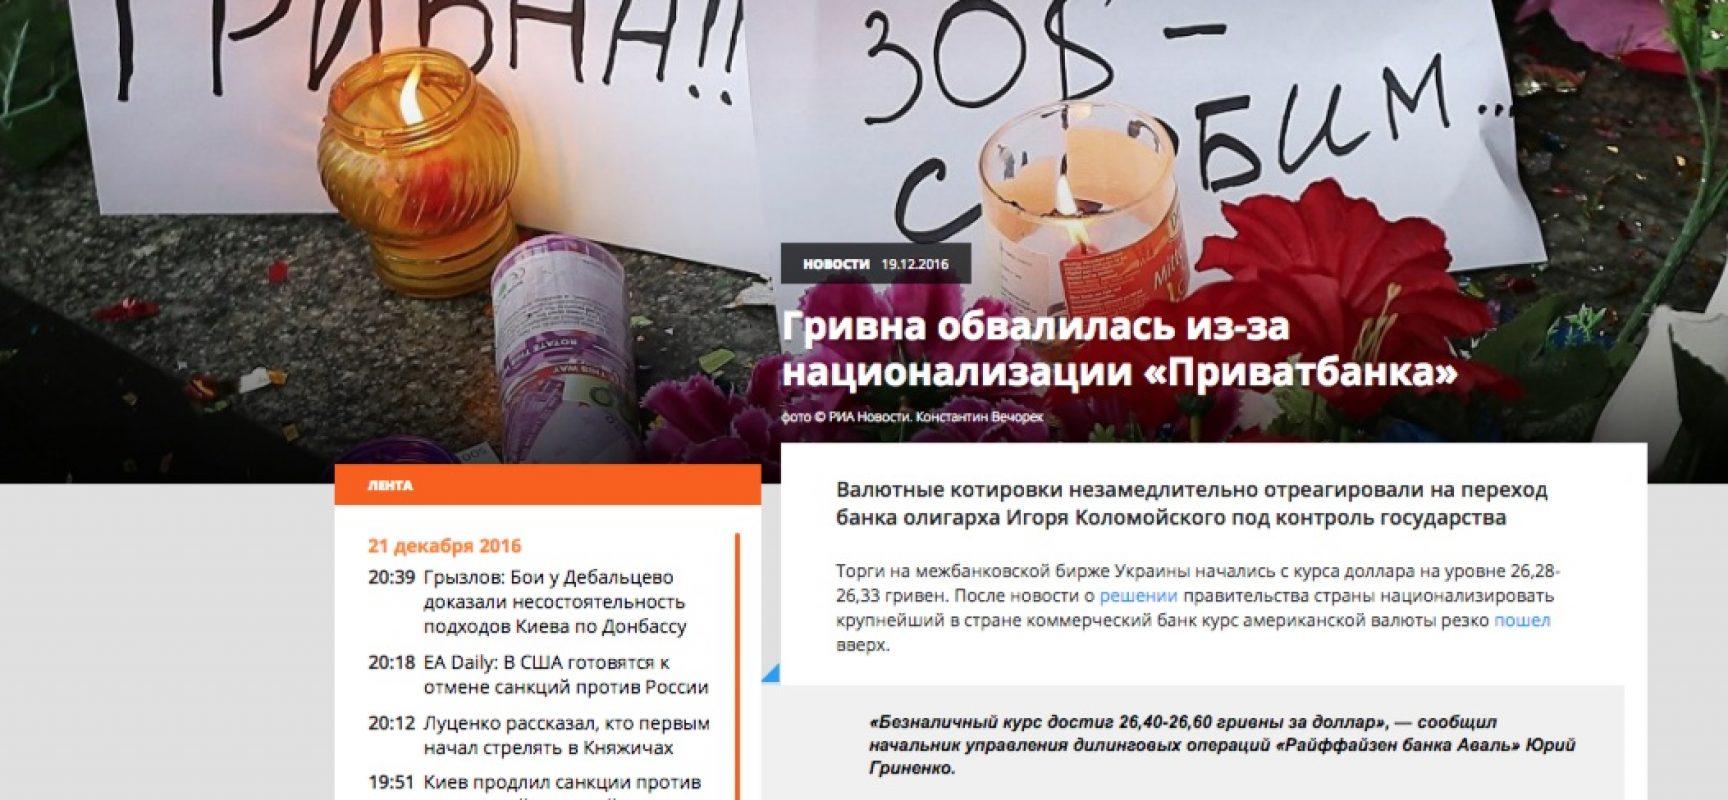 Ucraina crolla la Gryvna a causa della privatizzazione di PrivatBank (FAKE)